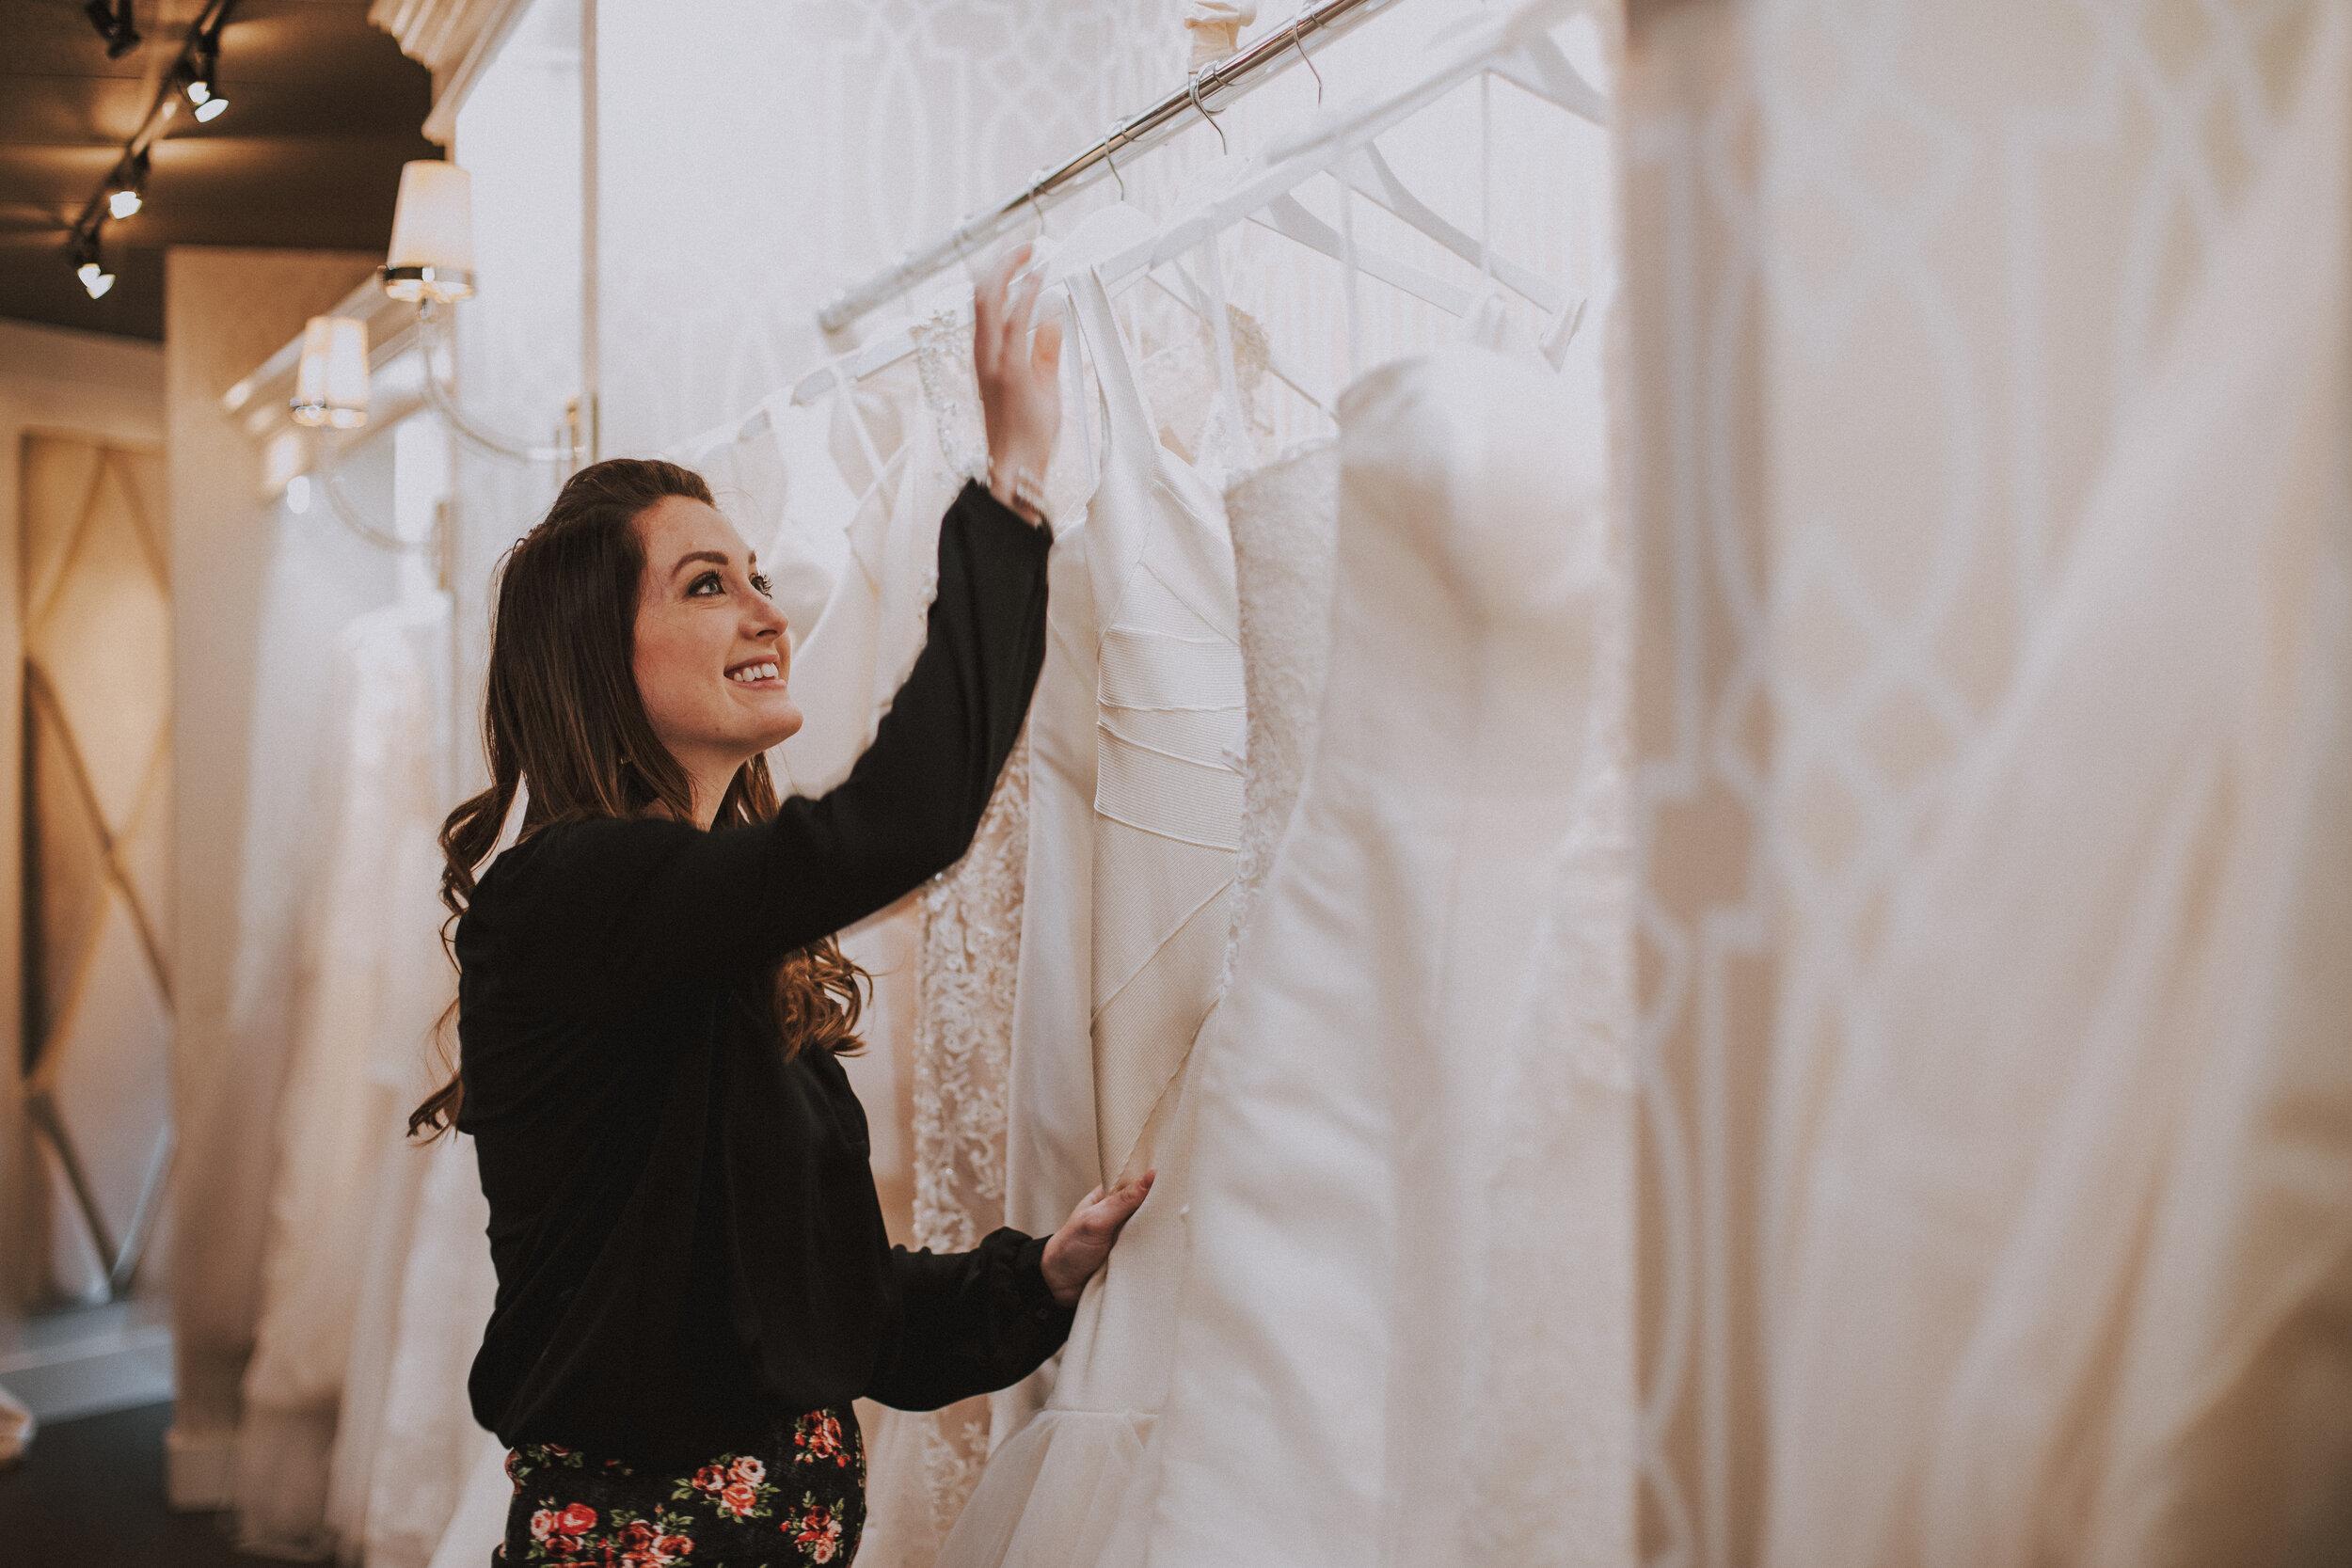 Tesori Bridal